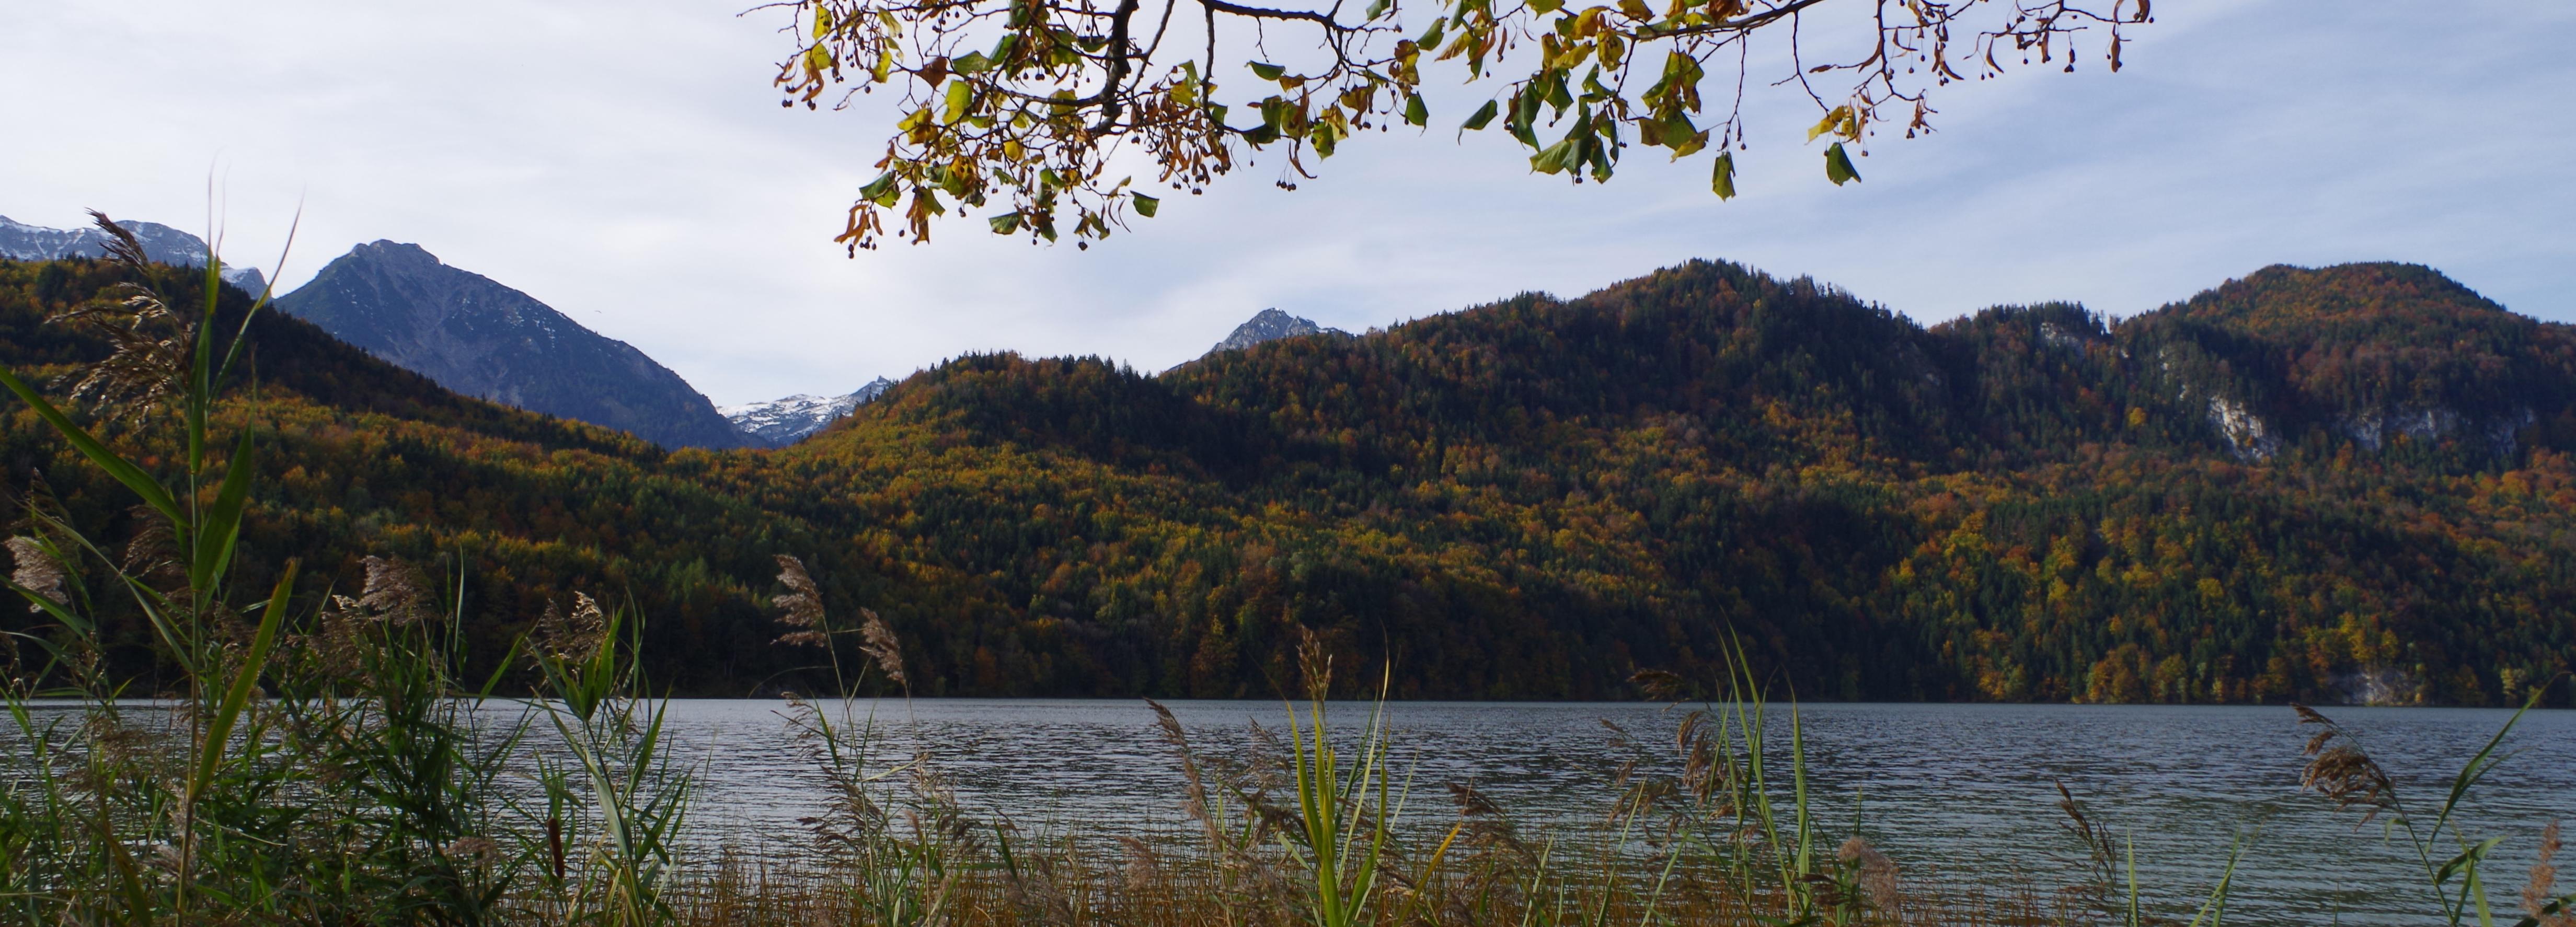 Herbstferien_0021__16-9